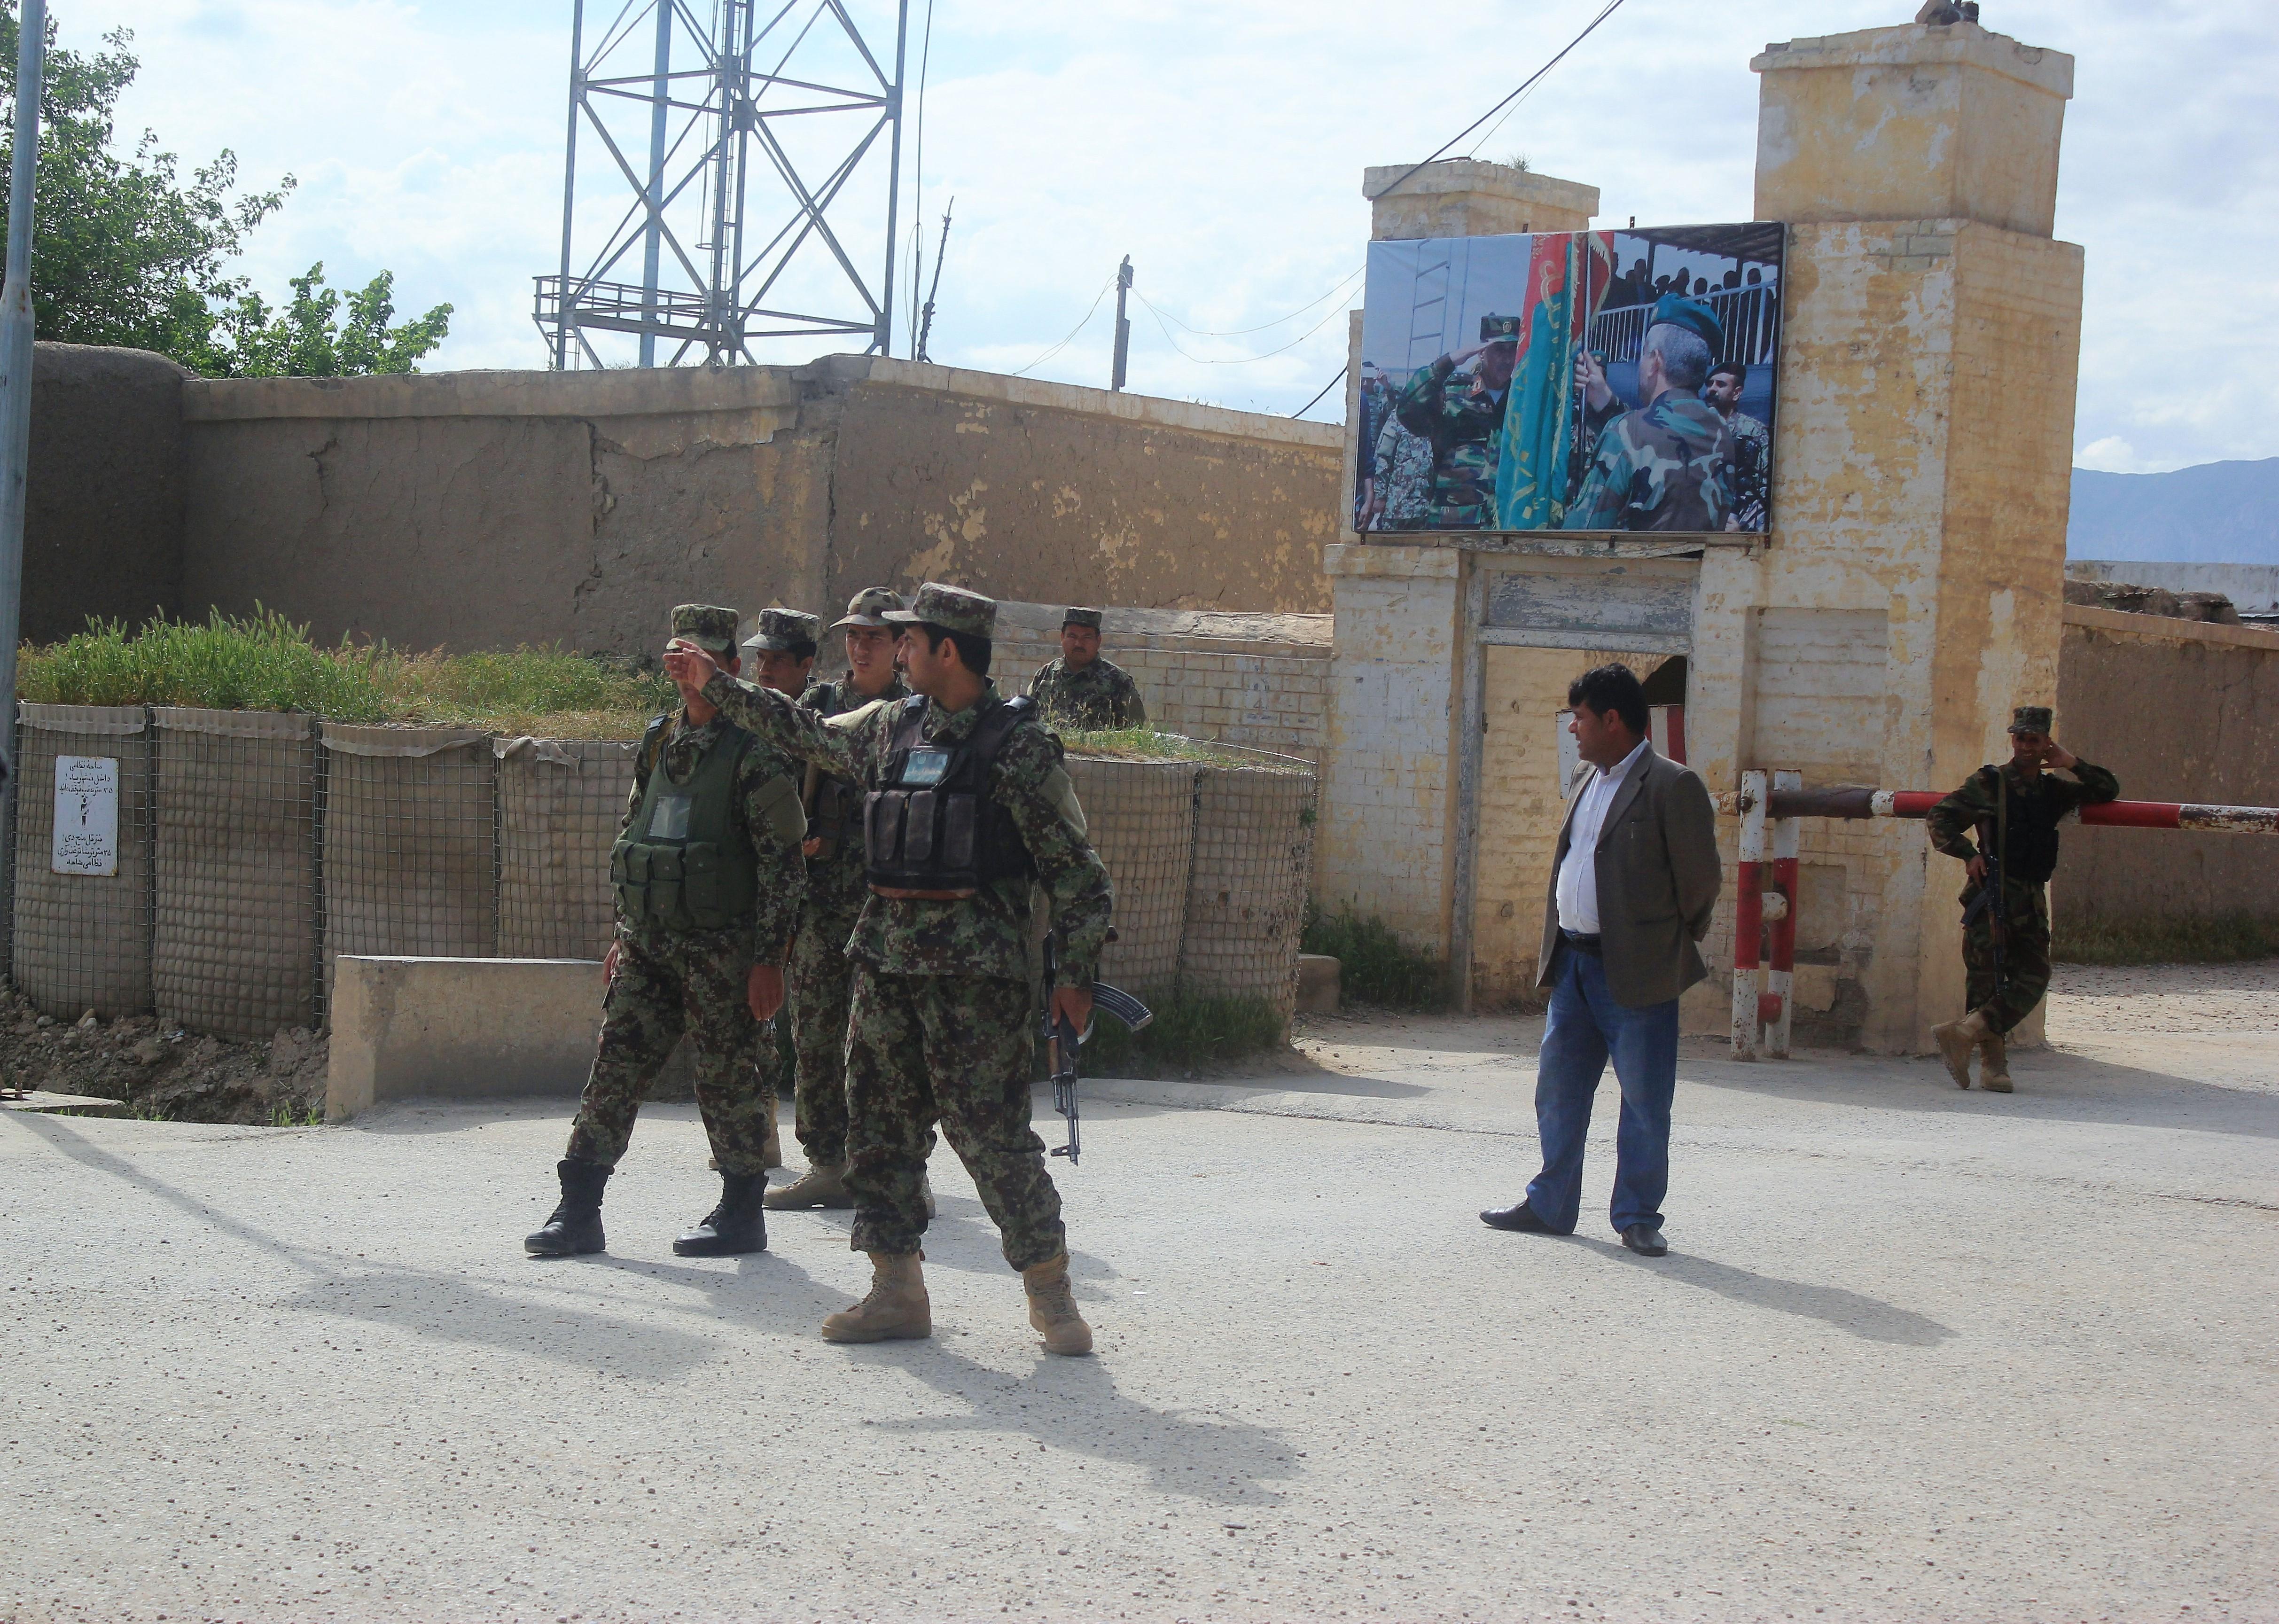 Több mint 140 halálos áldozata van az afgán katonai bázis elleni tálib támadásnak